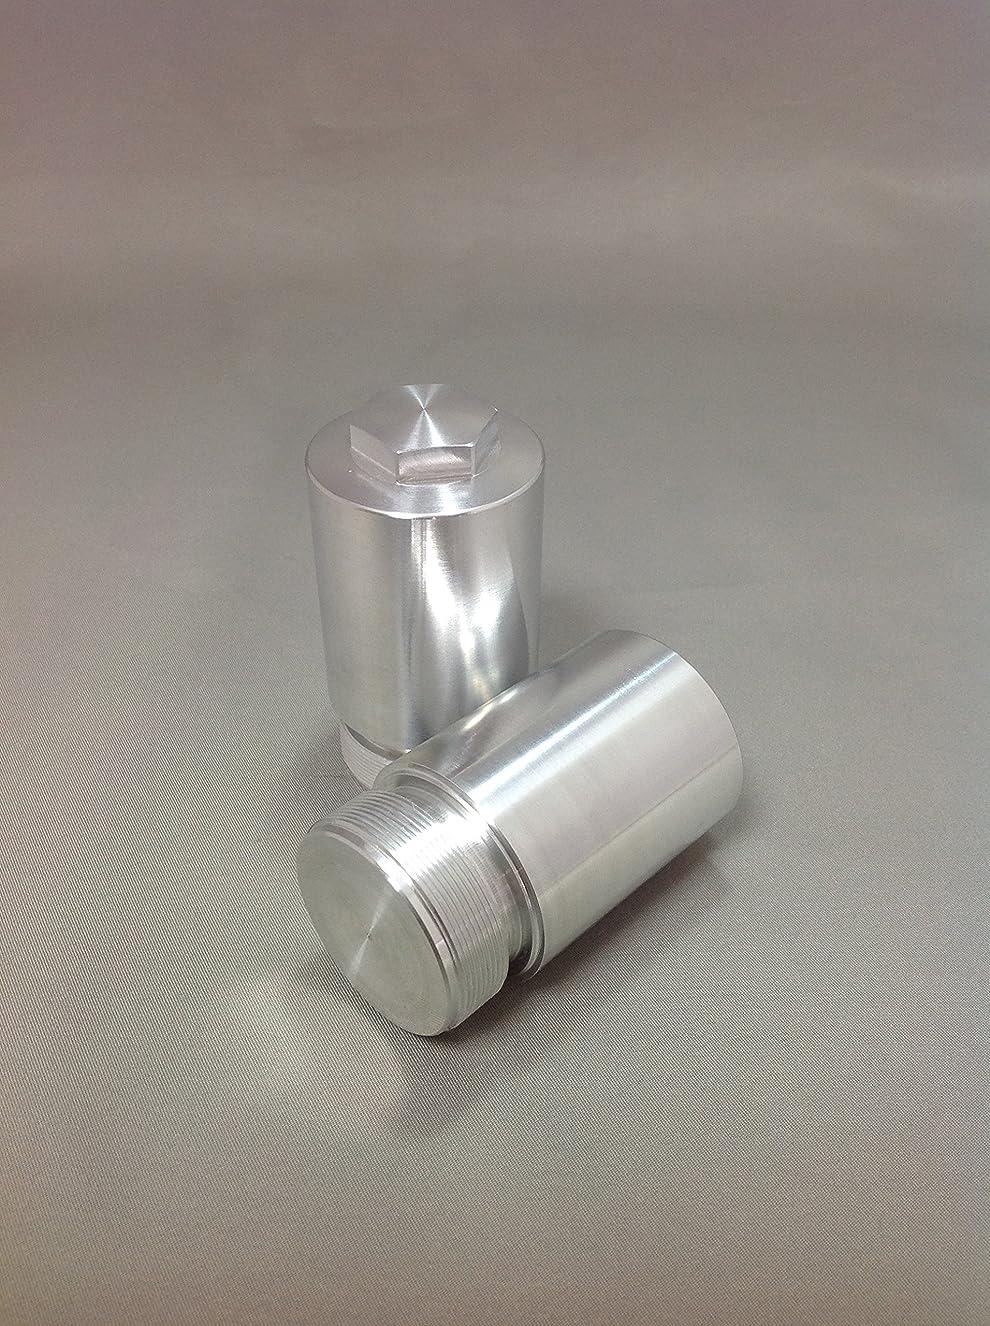 スリップシューズ媒染剤副詞弁天部品 NINJA400 ABS フロントフォークジョイント アダプター 30ミリ